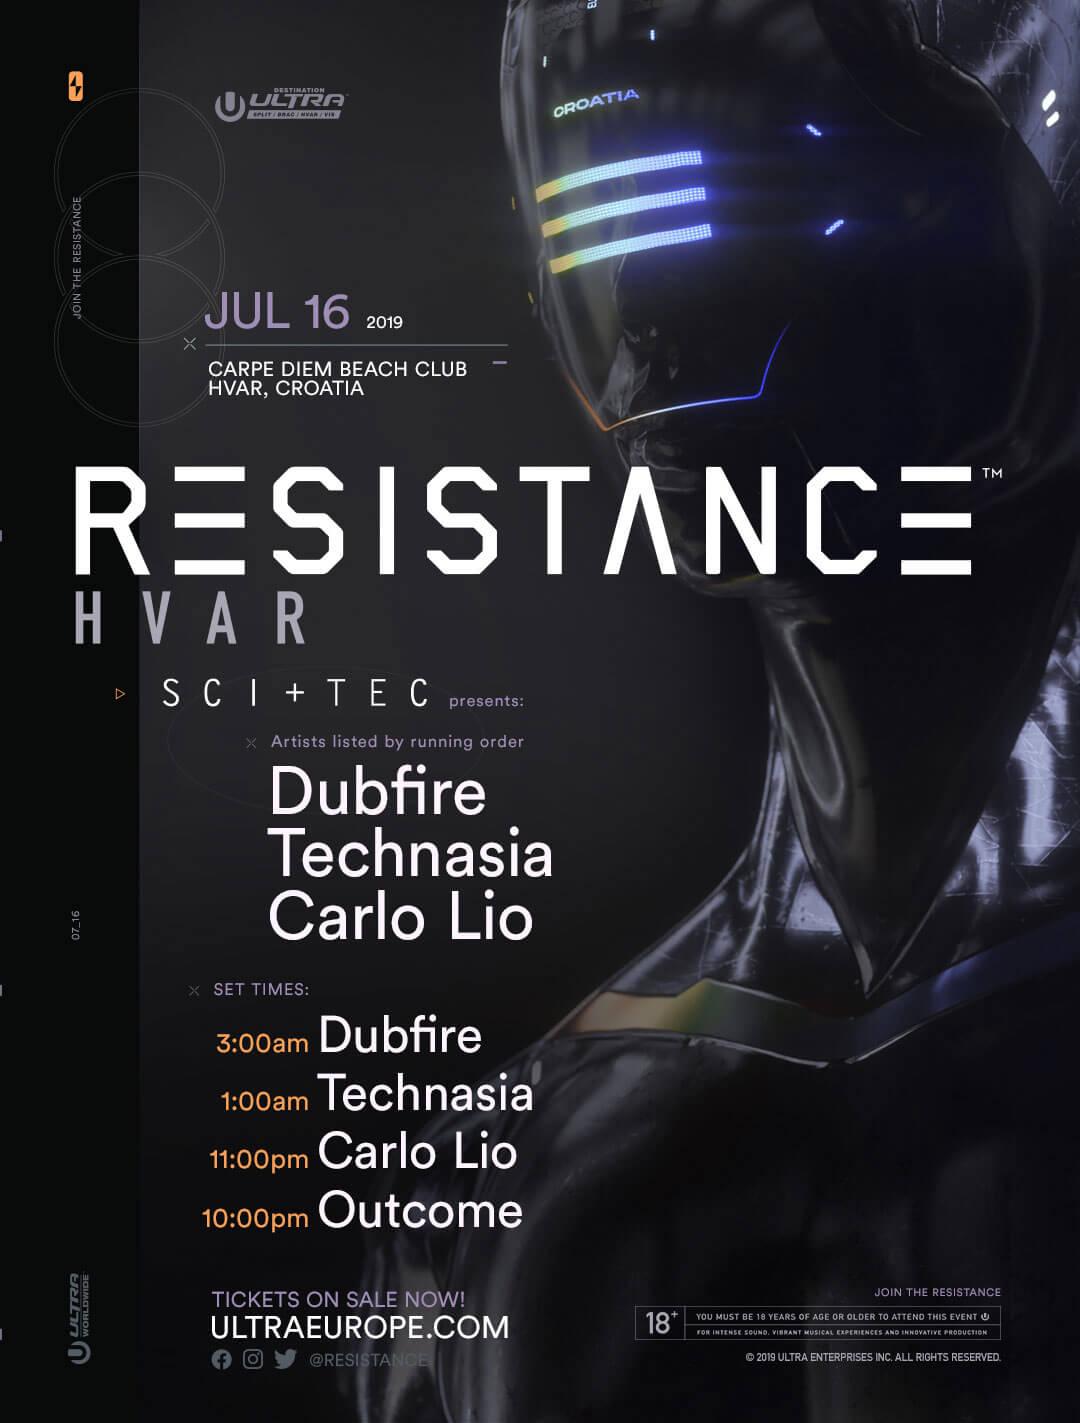 resistance-hvar-lineup-times-2019